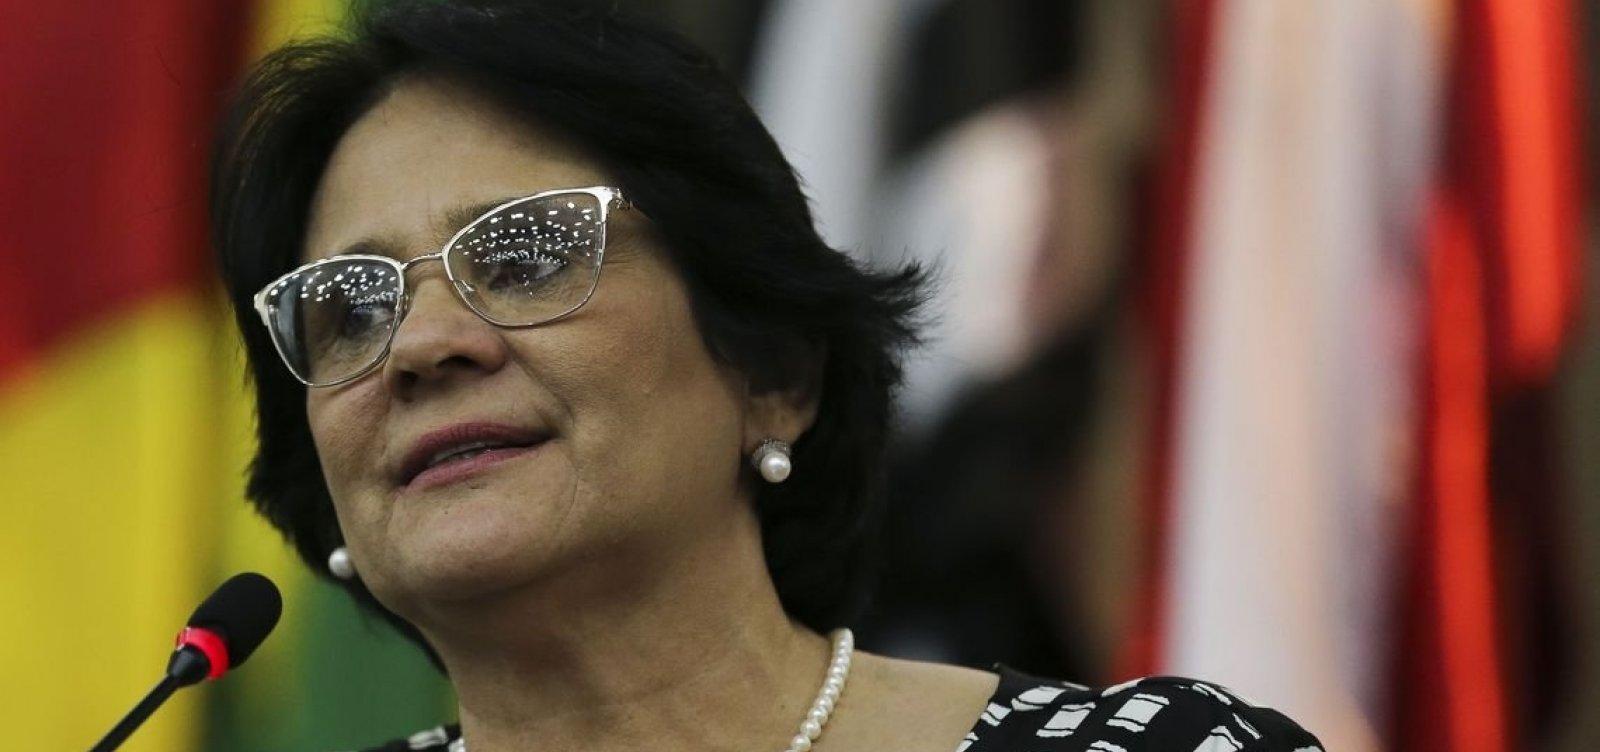 Brasil pode perder vaga em conselho de direitos humanos da ONU